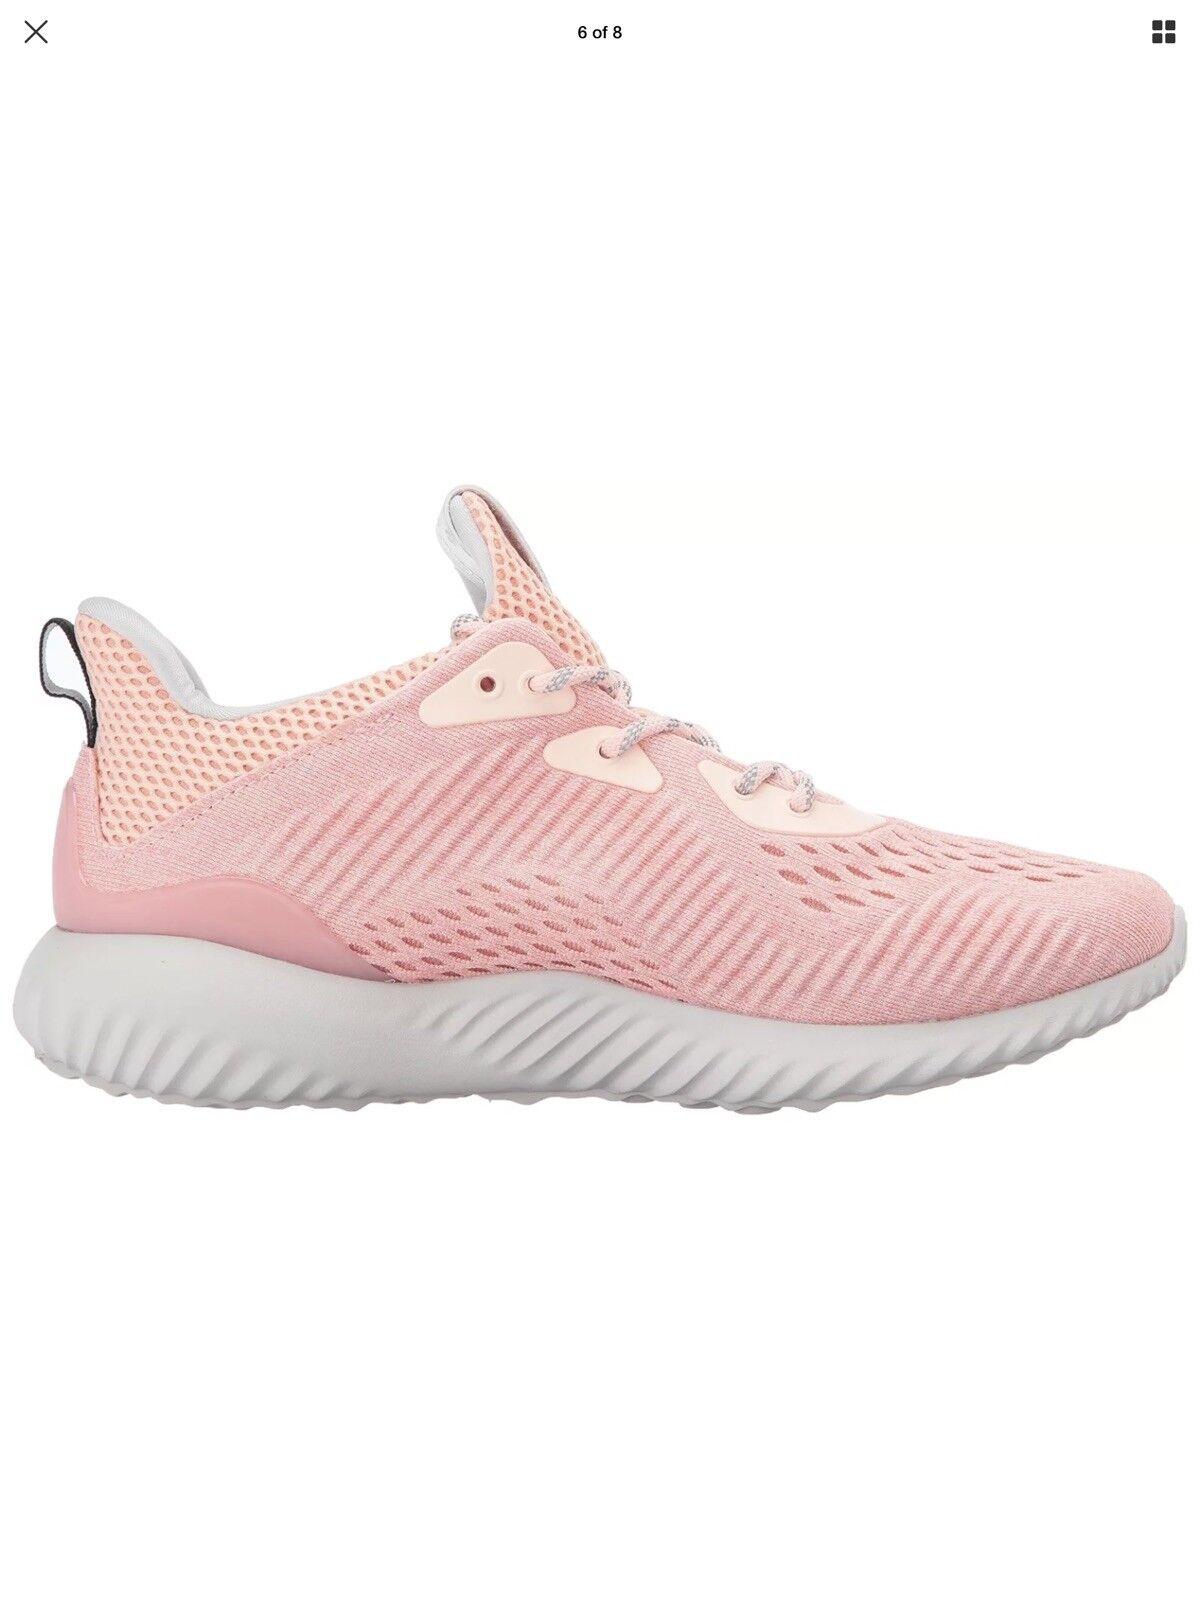 adidas performance frauen alphabounce em w spuren laufschuhe, eis, rosa / spuren w 3760d3